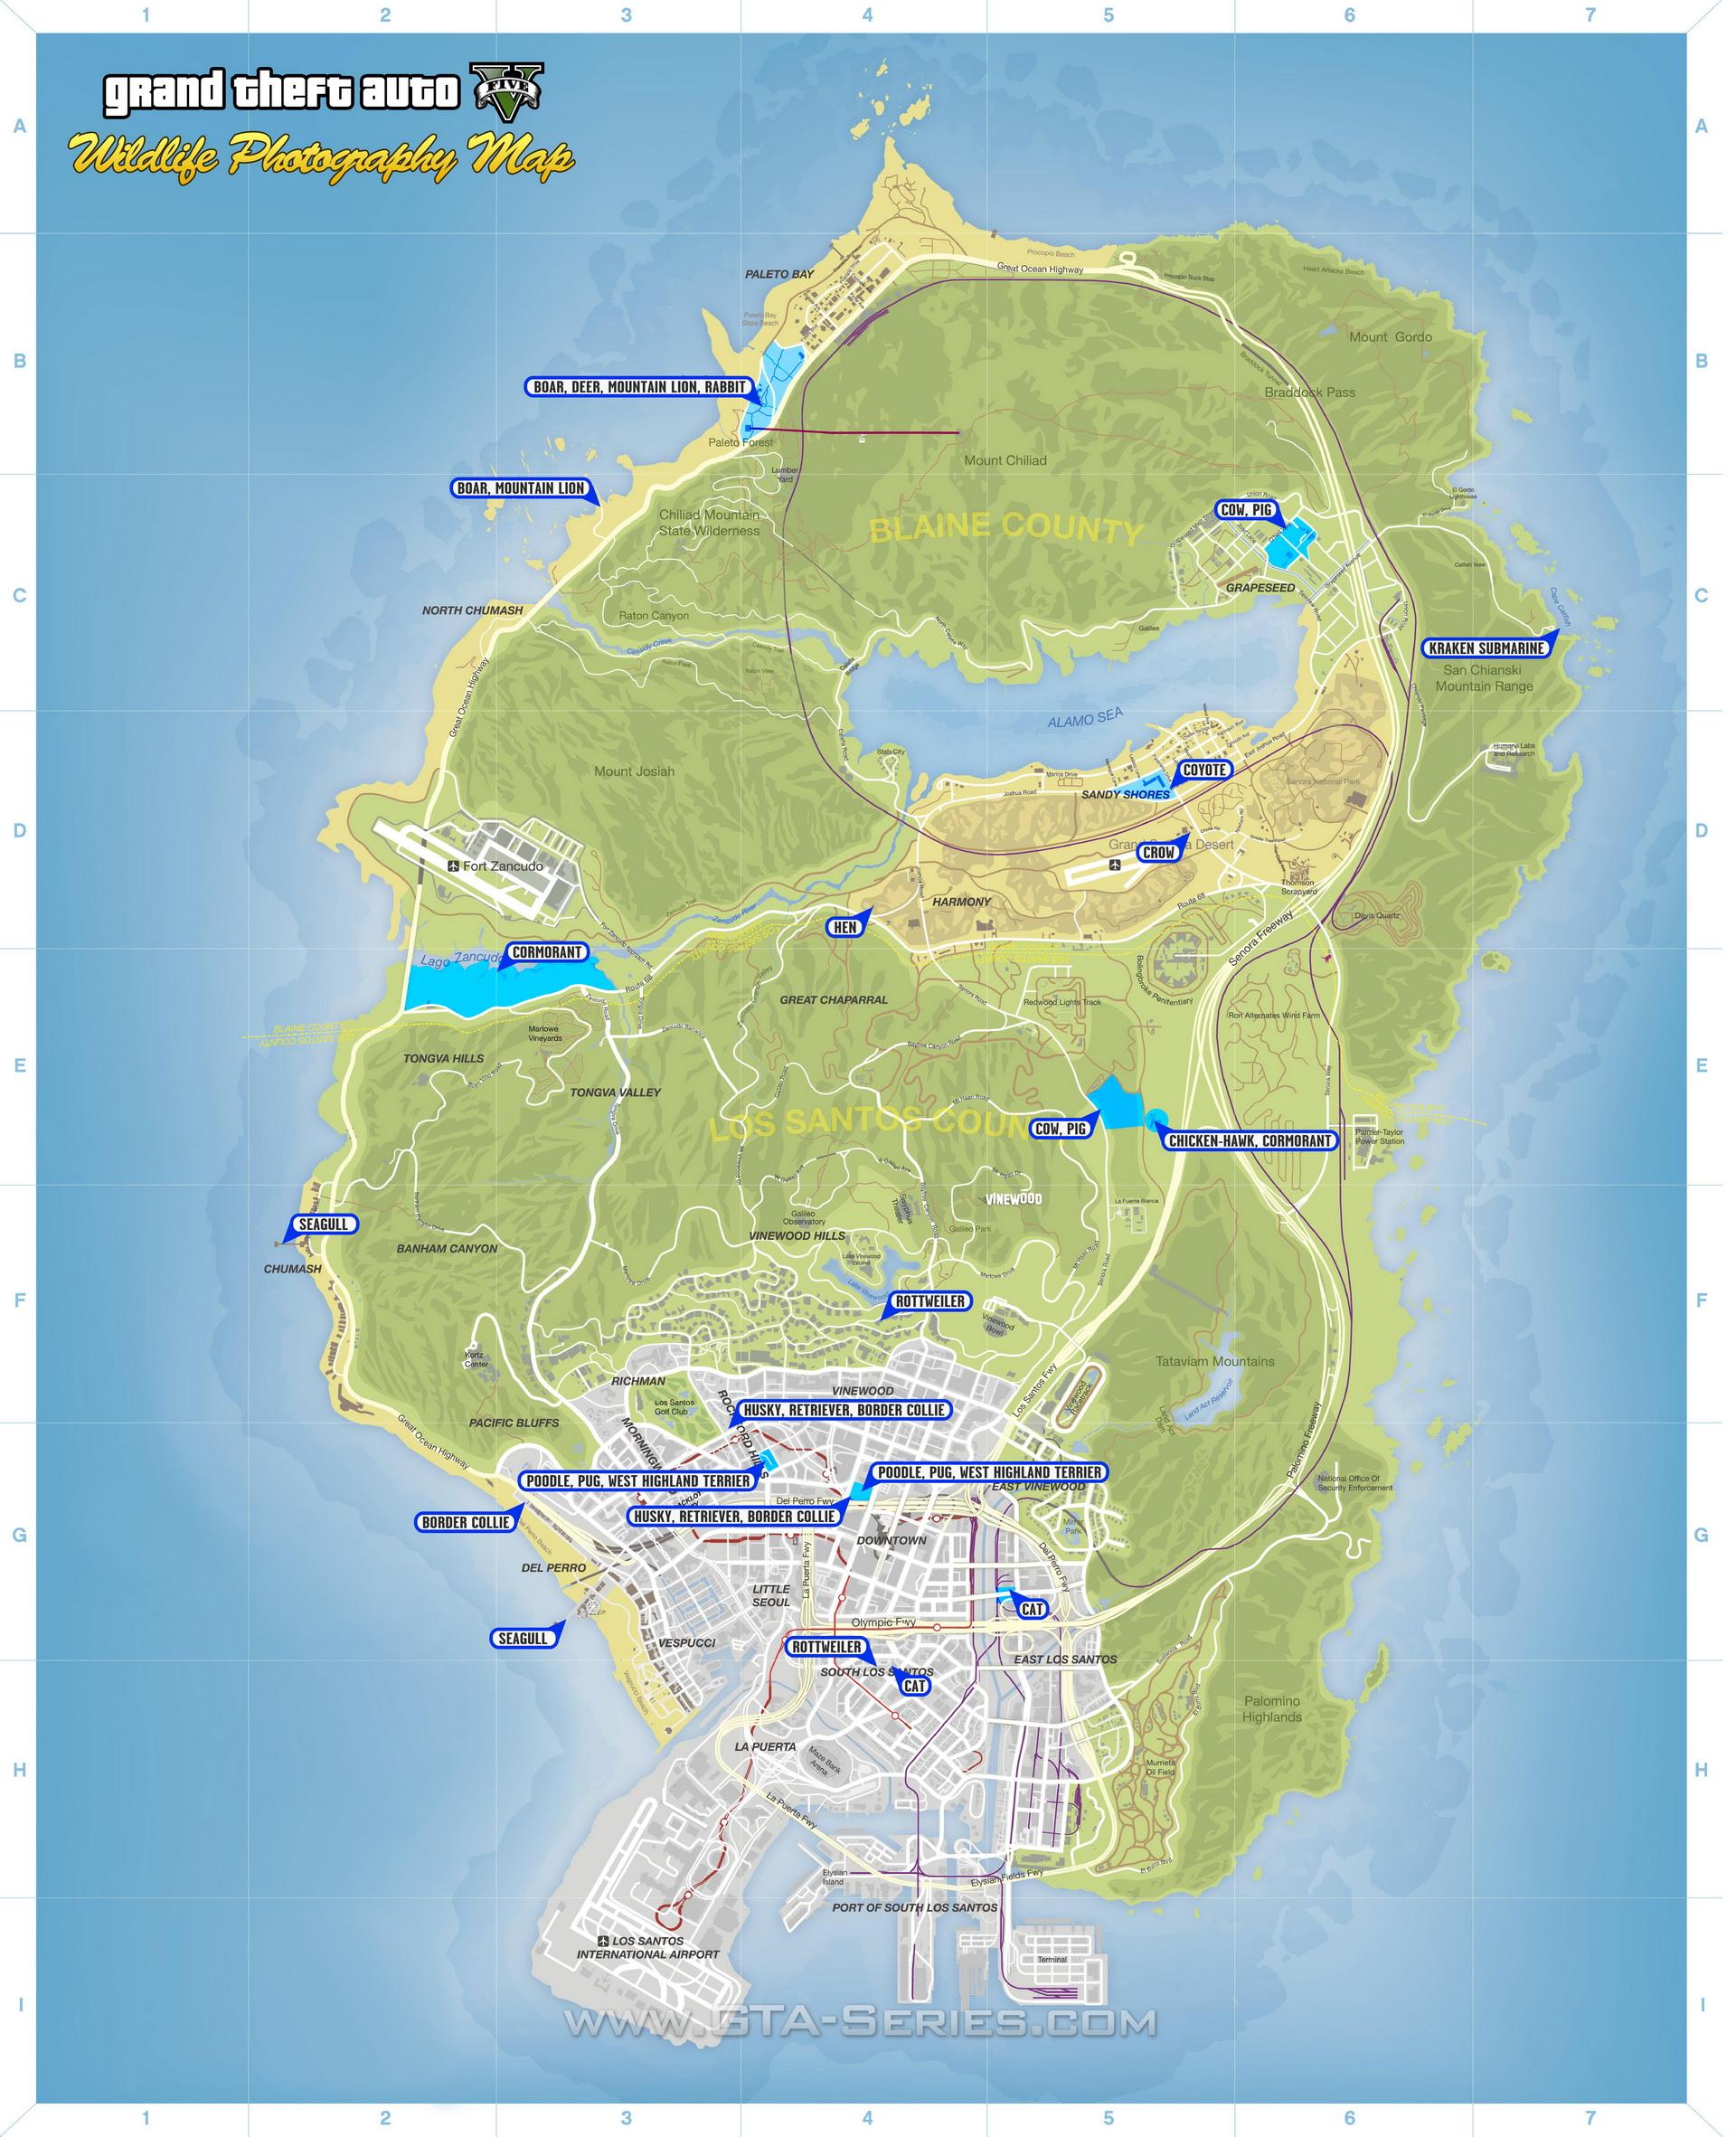 Gta V Elicottero Mappa : Gta series mappe tematiche